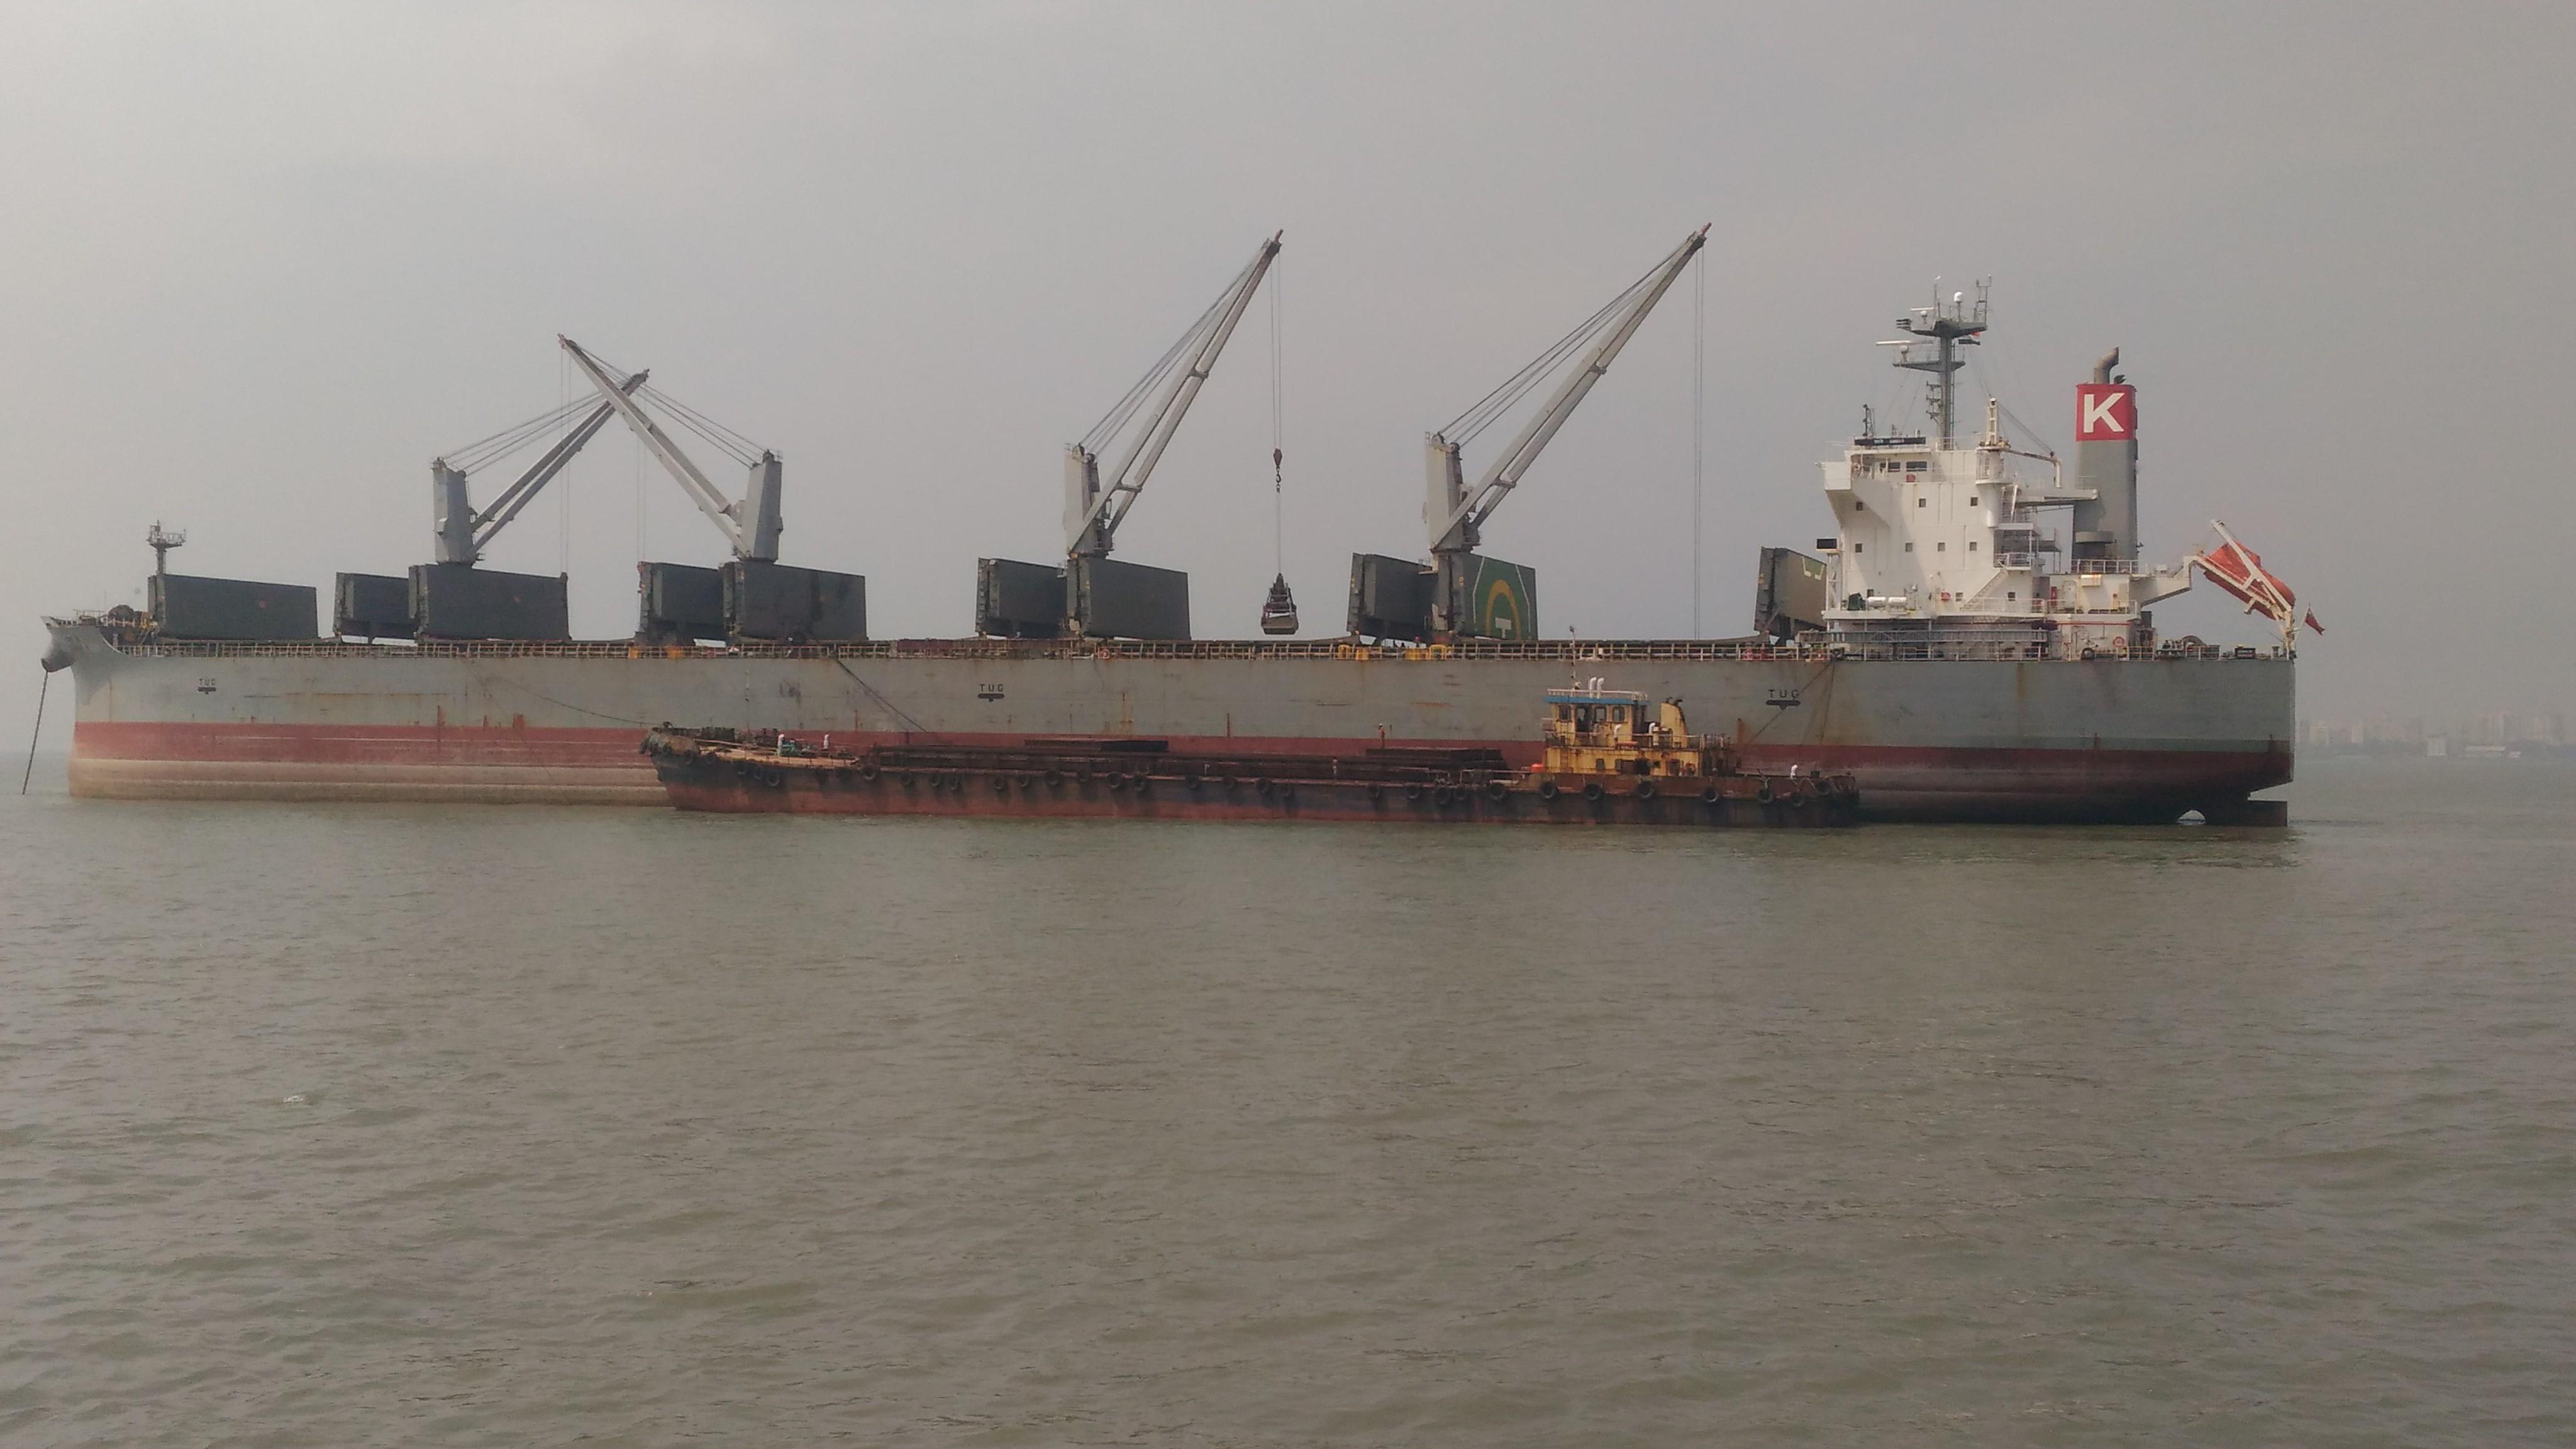 Ganga K ship